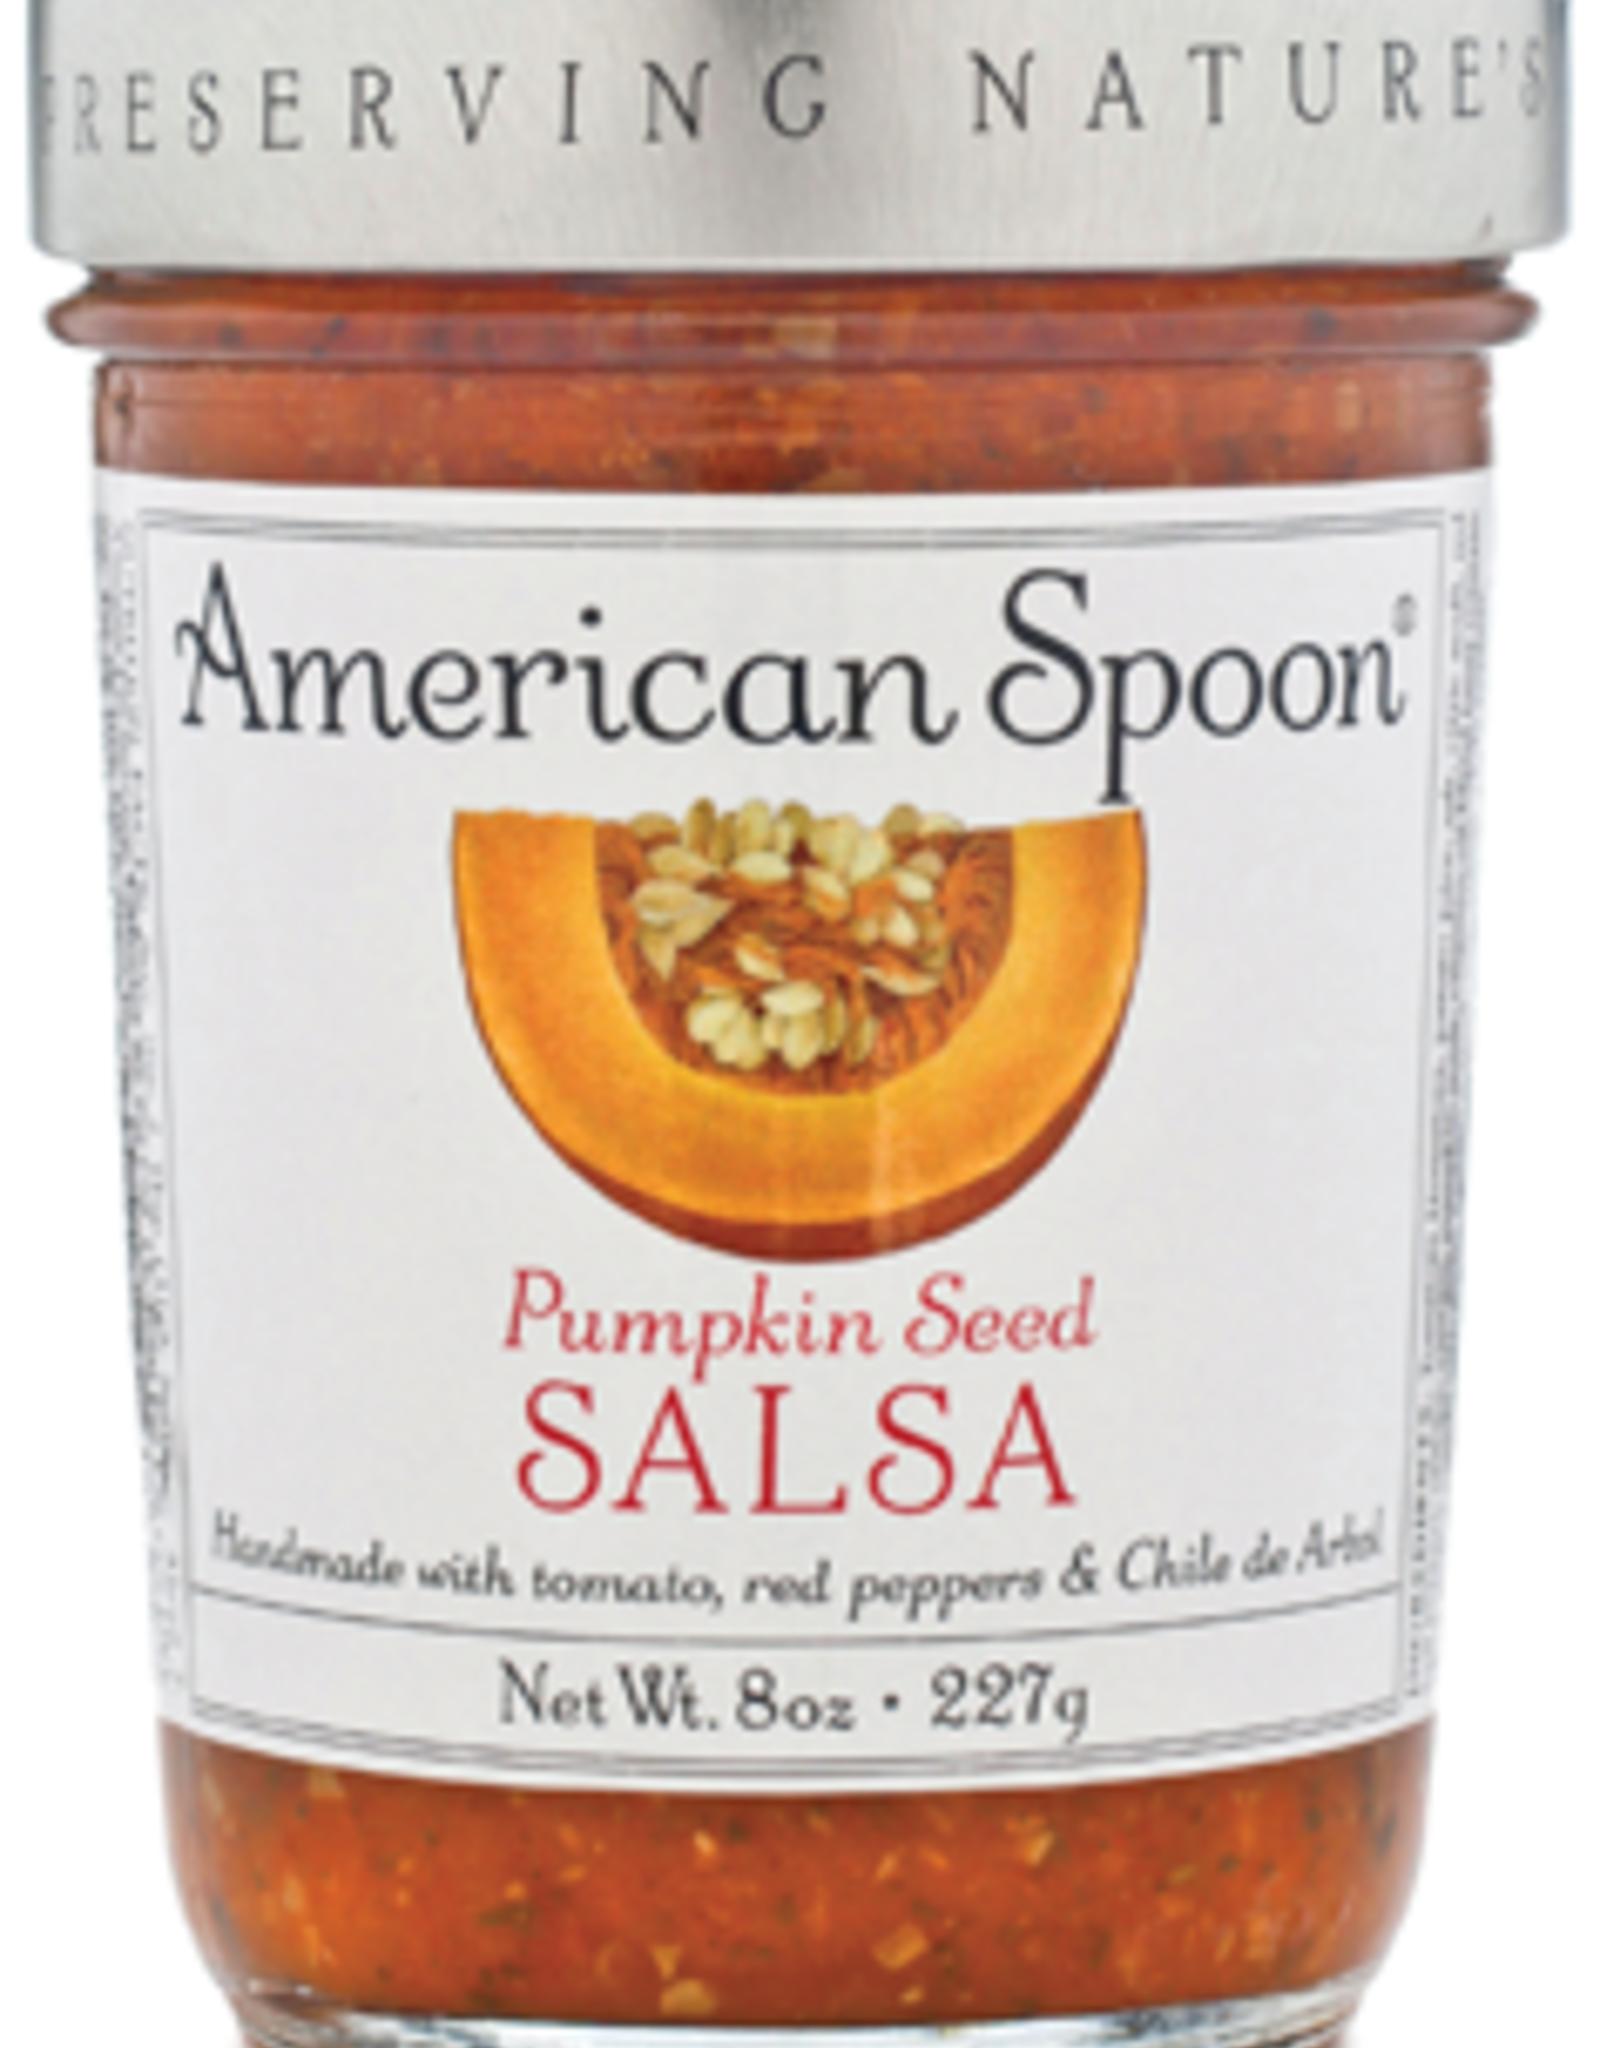 American Spoon AMERICAN SPOON PUMPKIN SEED SALSA